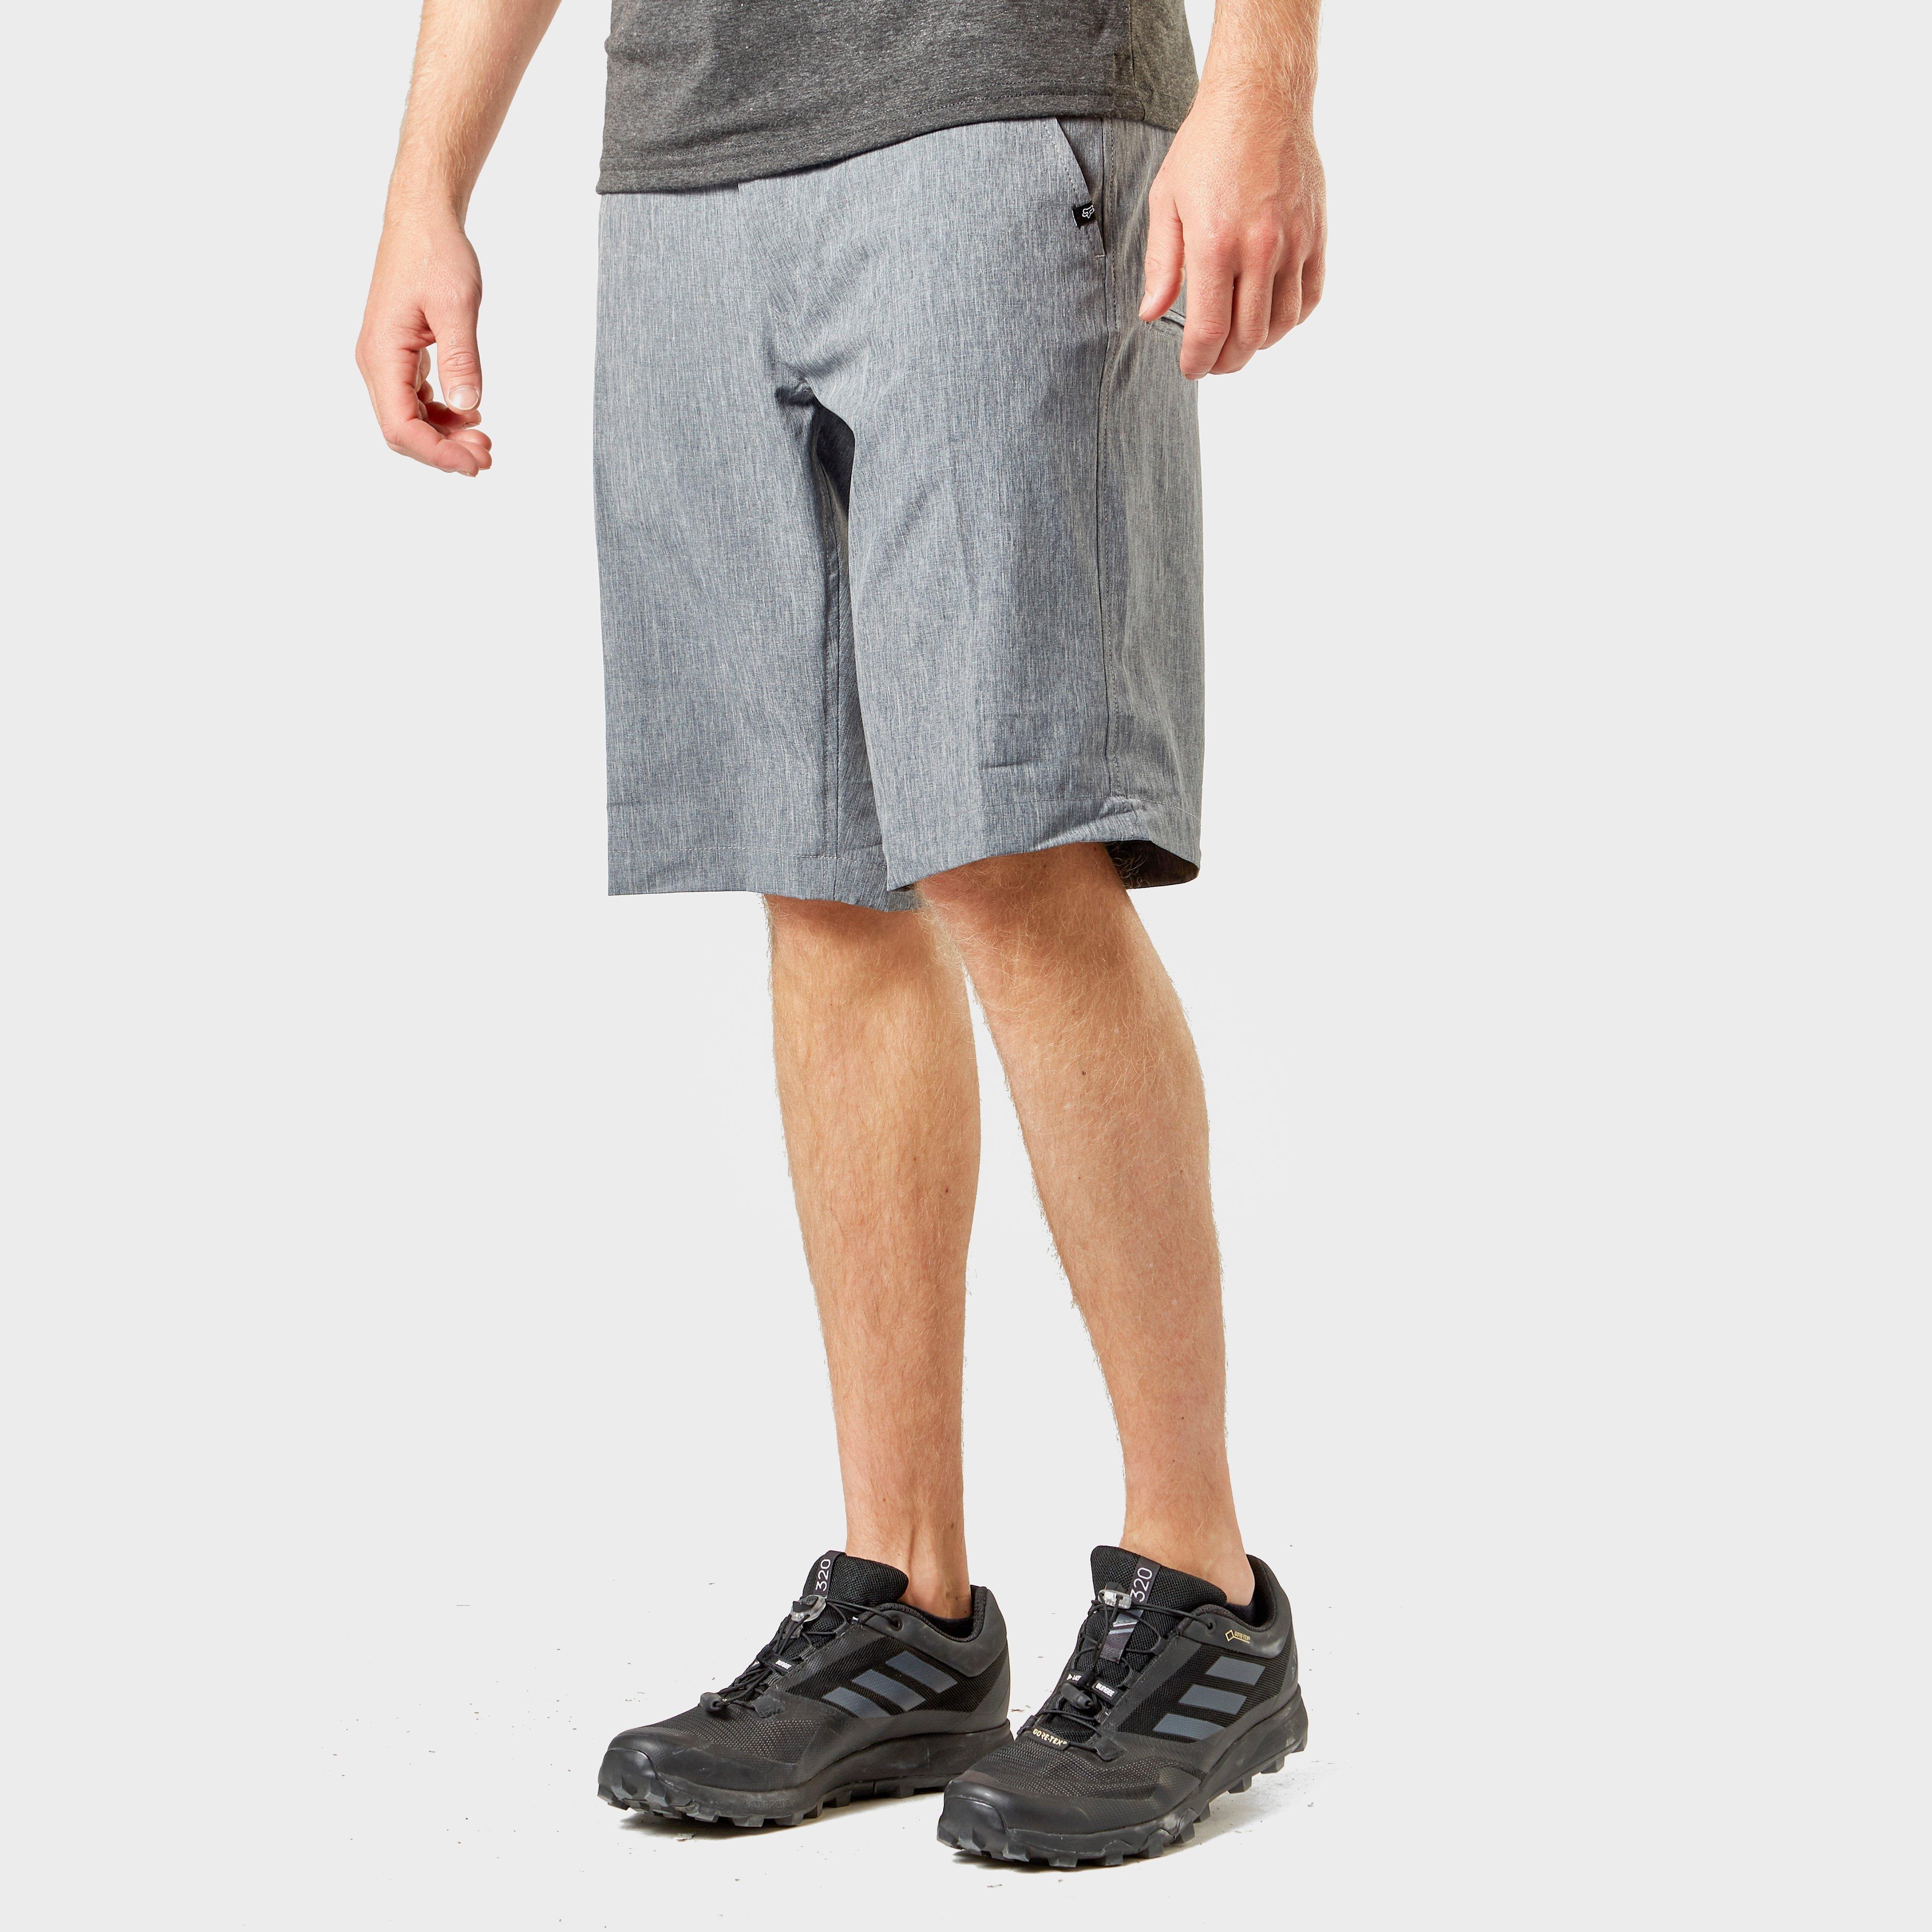 Fox Men's Essex Stretch Shorts, GREY/GREY